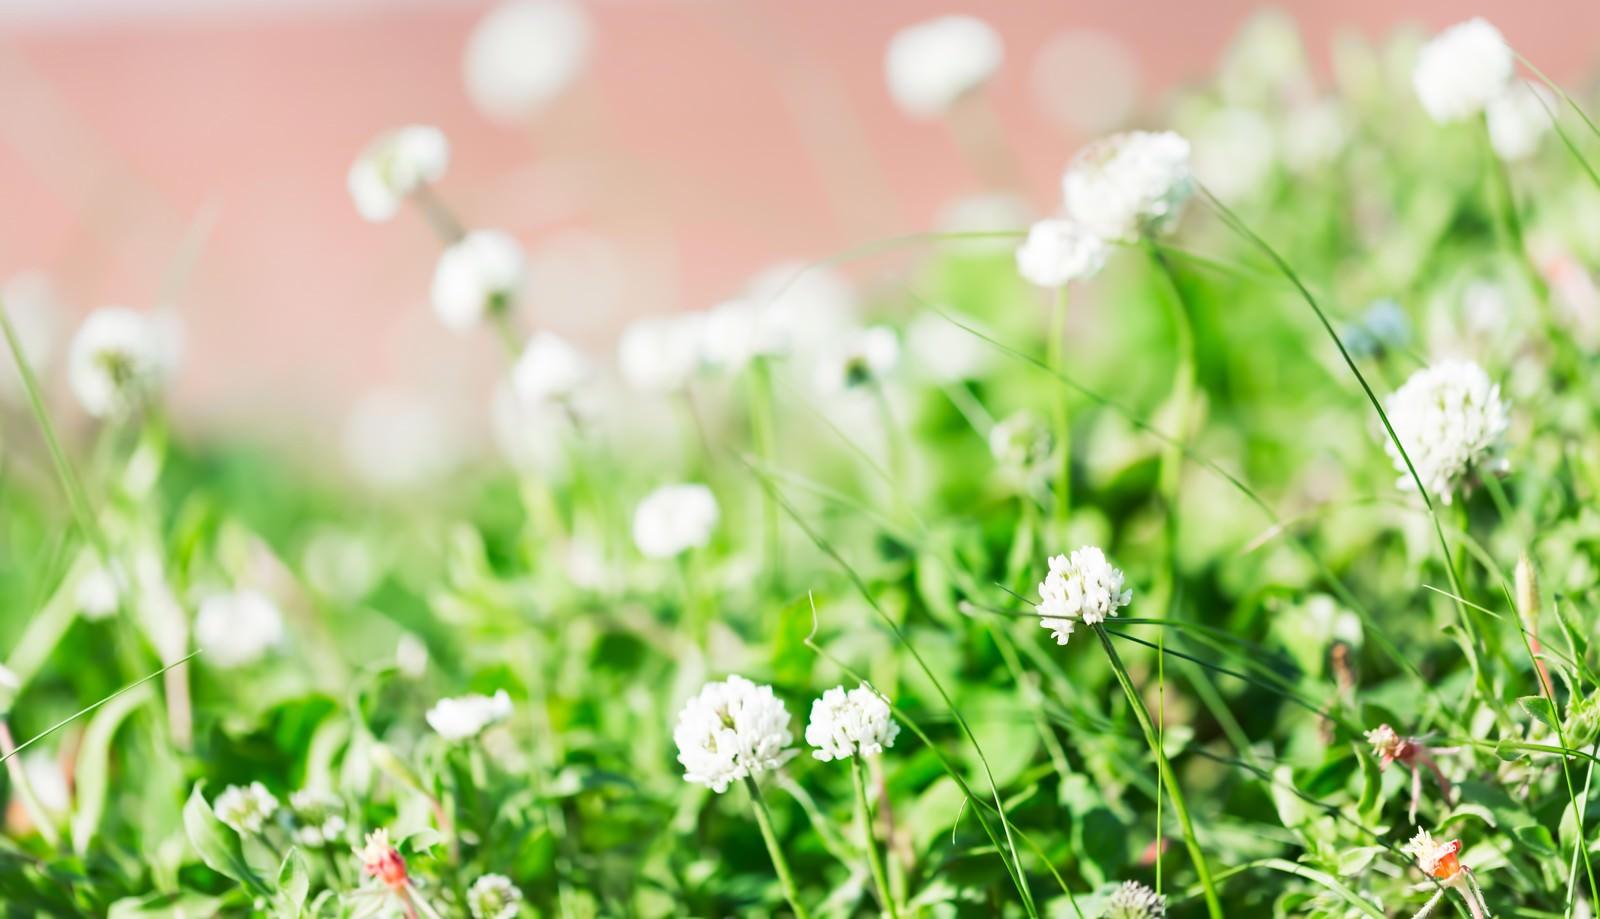 「シロツメクサの花言葉は「復讐」」の写真